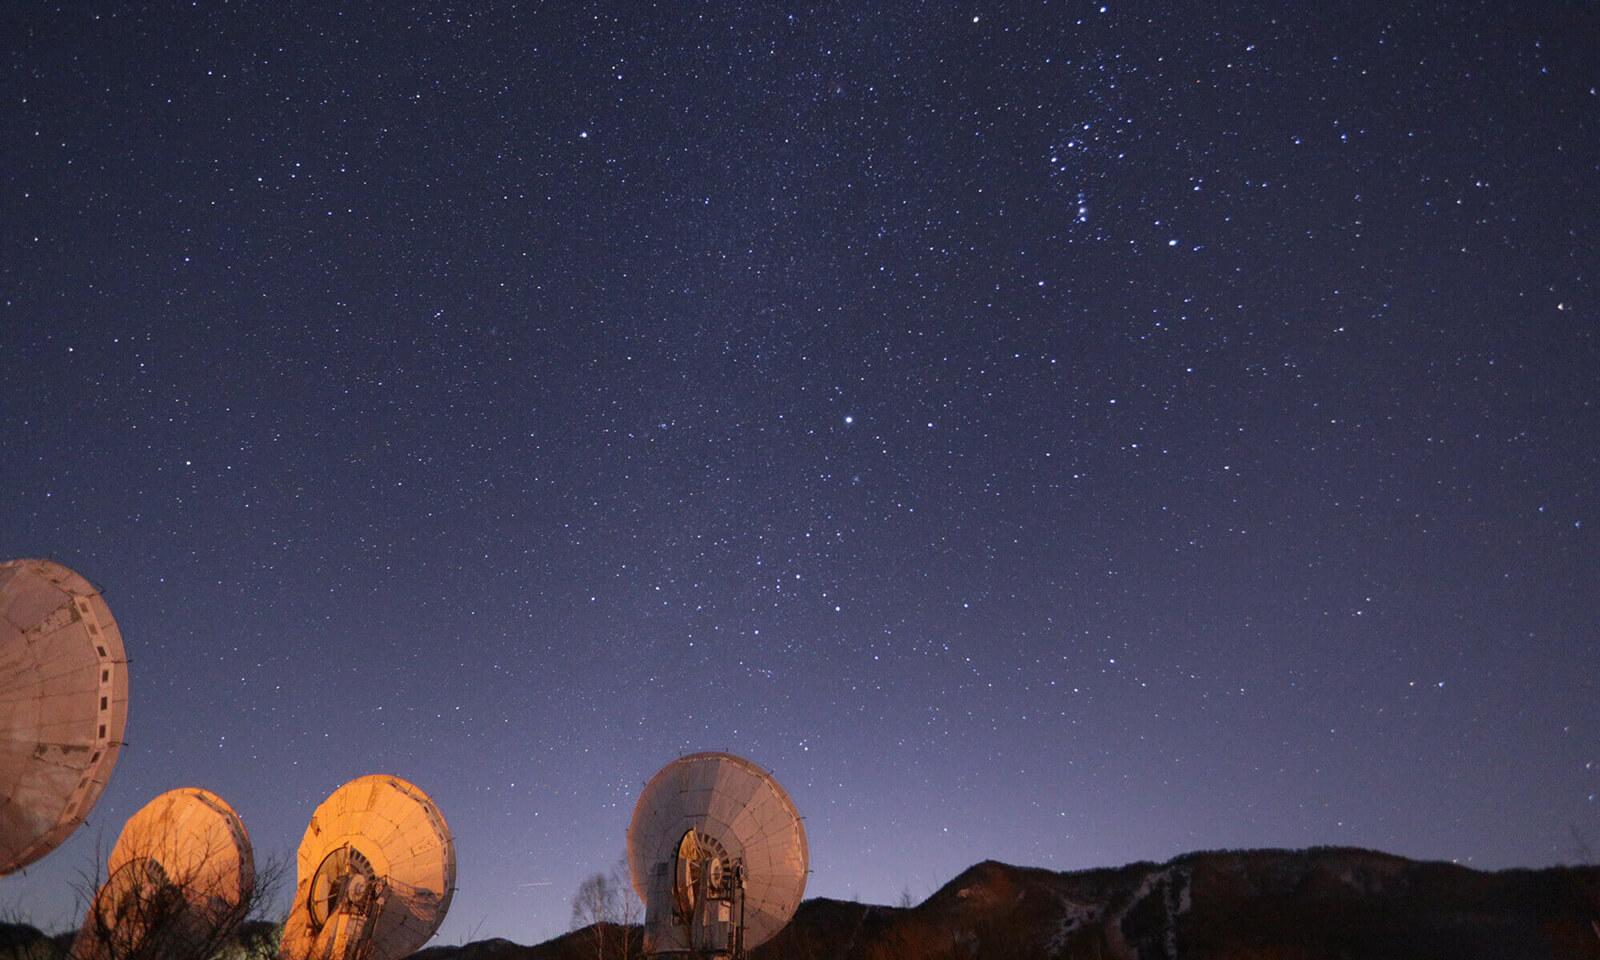 みなみまき村の電波天文台